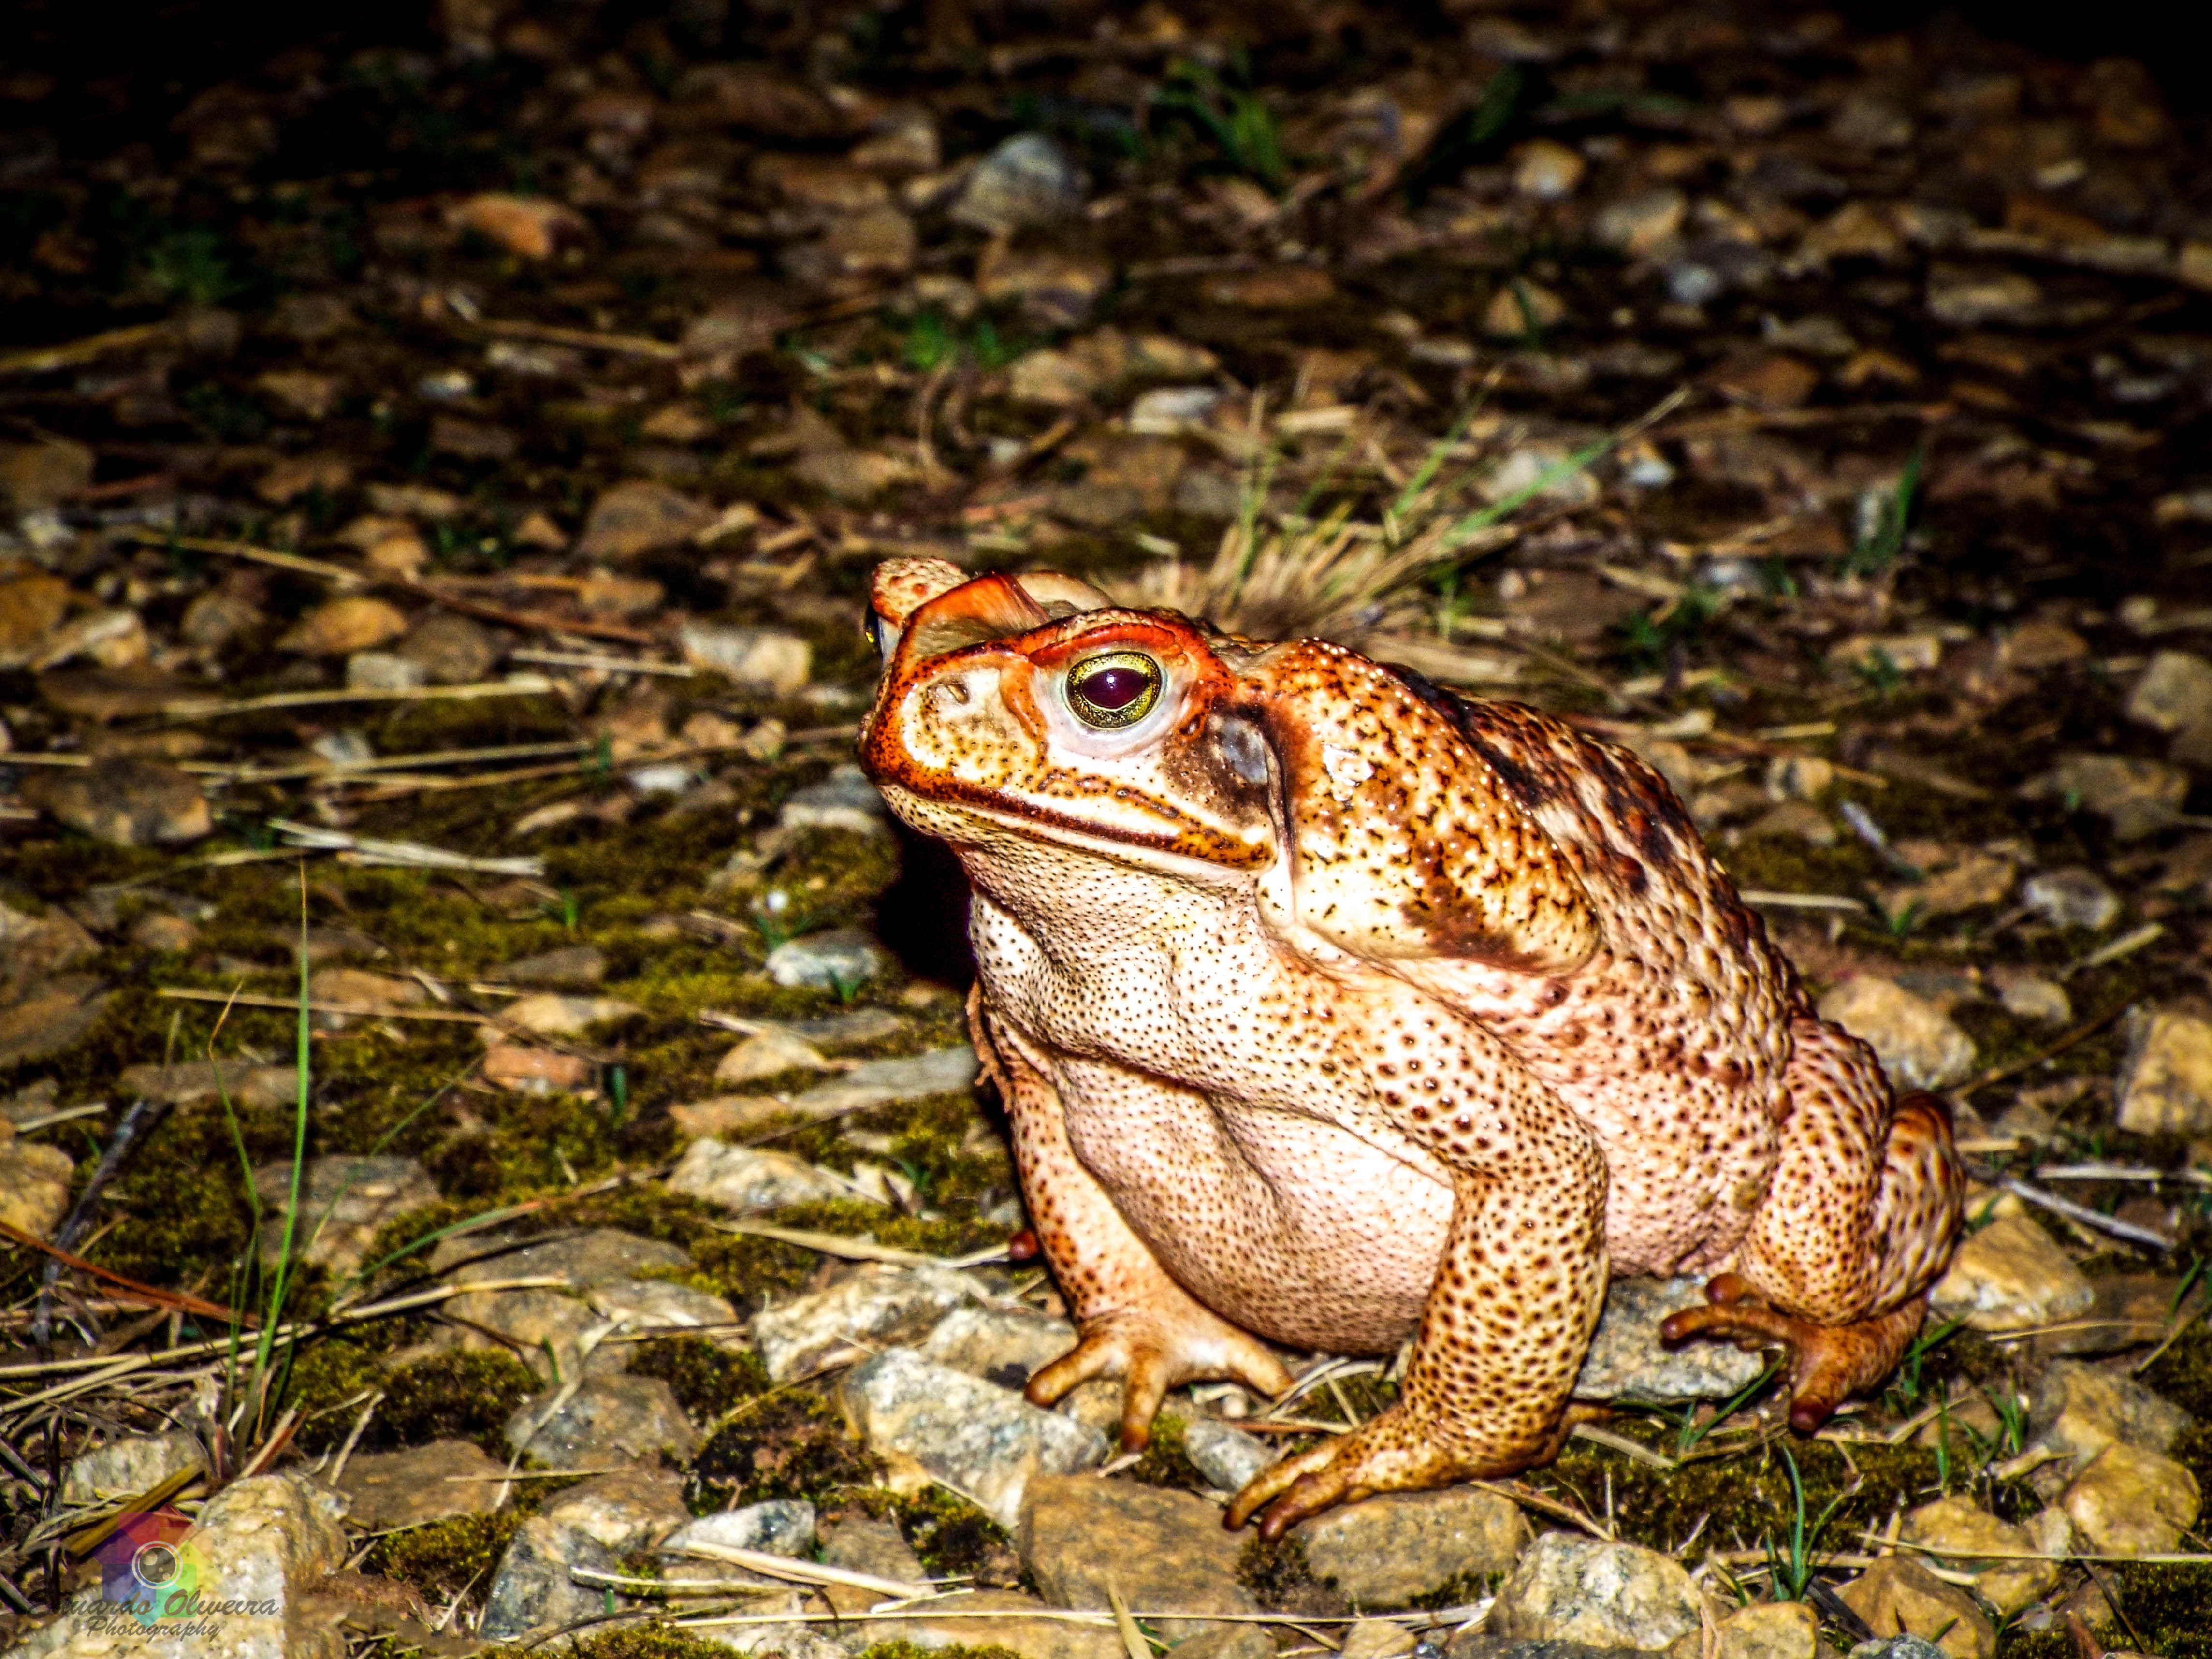 O sapo-cururu (Rhinella schneideri), encontrado em vários habitats, incluindo Cerrado e Mata Atlântica, embora ocorra principalmente em áreas abertas e urbanas, por ter se adaptado bem à perturbação antrópica. Possui pele áspera com região dorsal bastante rugosa devido à presença de glândulas cutâneas localizadas logo atrás dos olhos. Alimentam-se de insetos, tendo uma alimentação muito variada. Os machos costumam vocalizar às margens de lagos, lagoas e açudes, em áreas abertas, durante a…